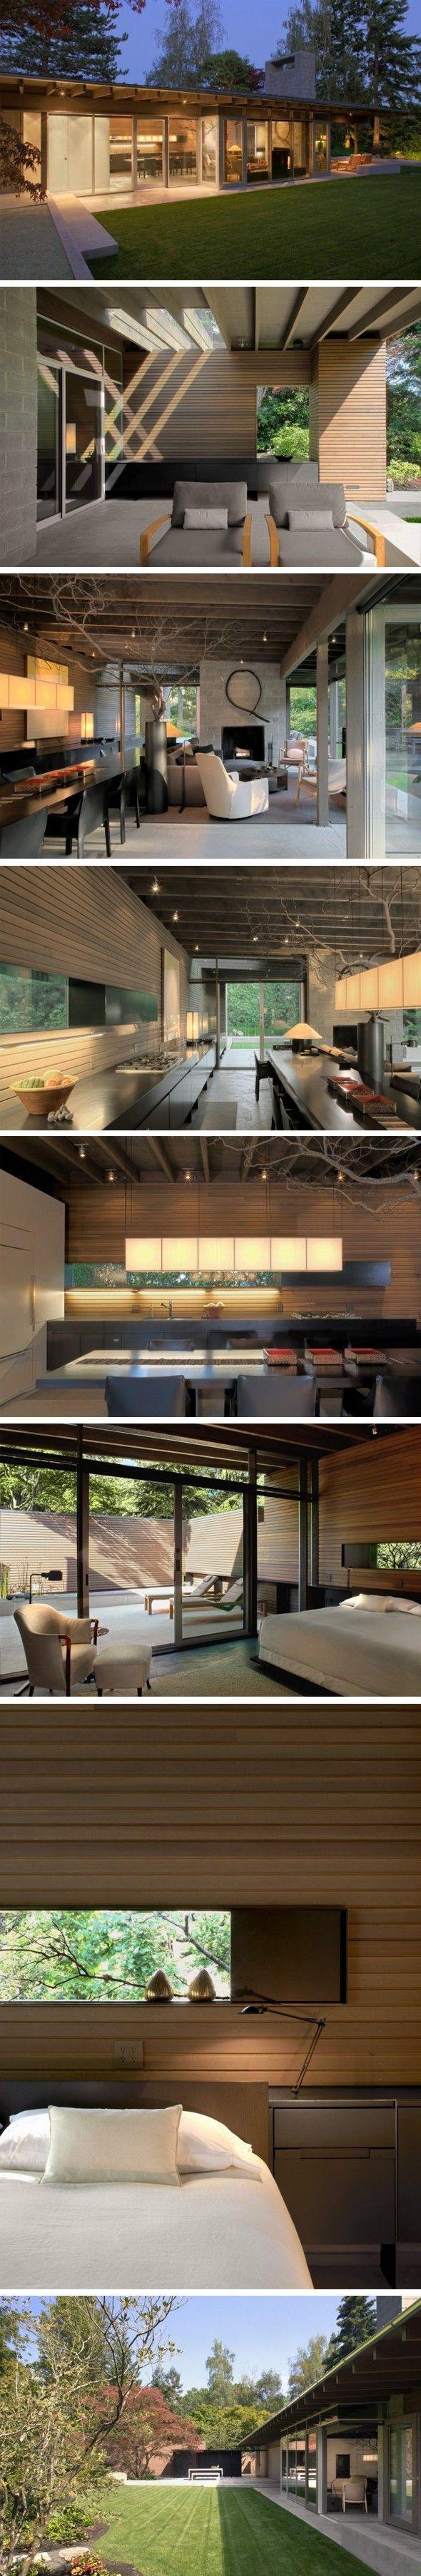 Maison pour couple de retraités à Medina, Washington Sur le plan conceptuel, la maison est inspirée d'un abri de pique nique en pleine forêt, les propriéta